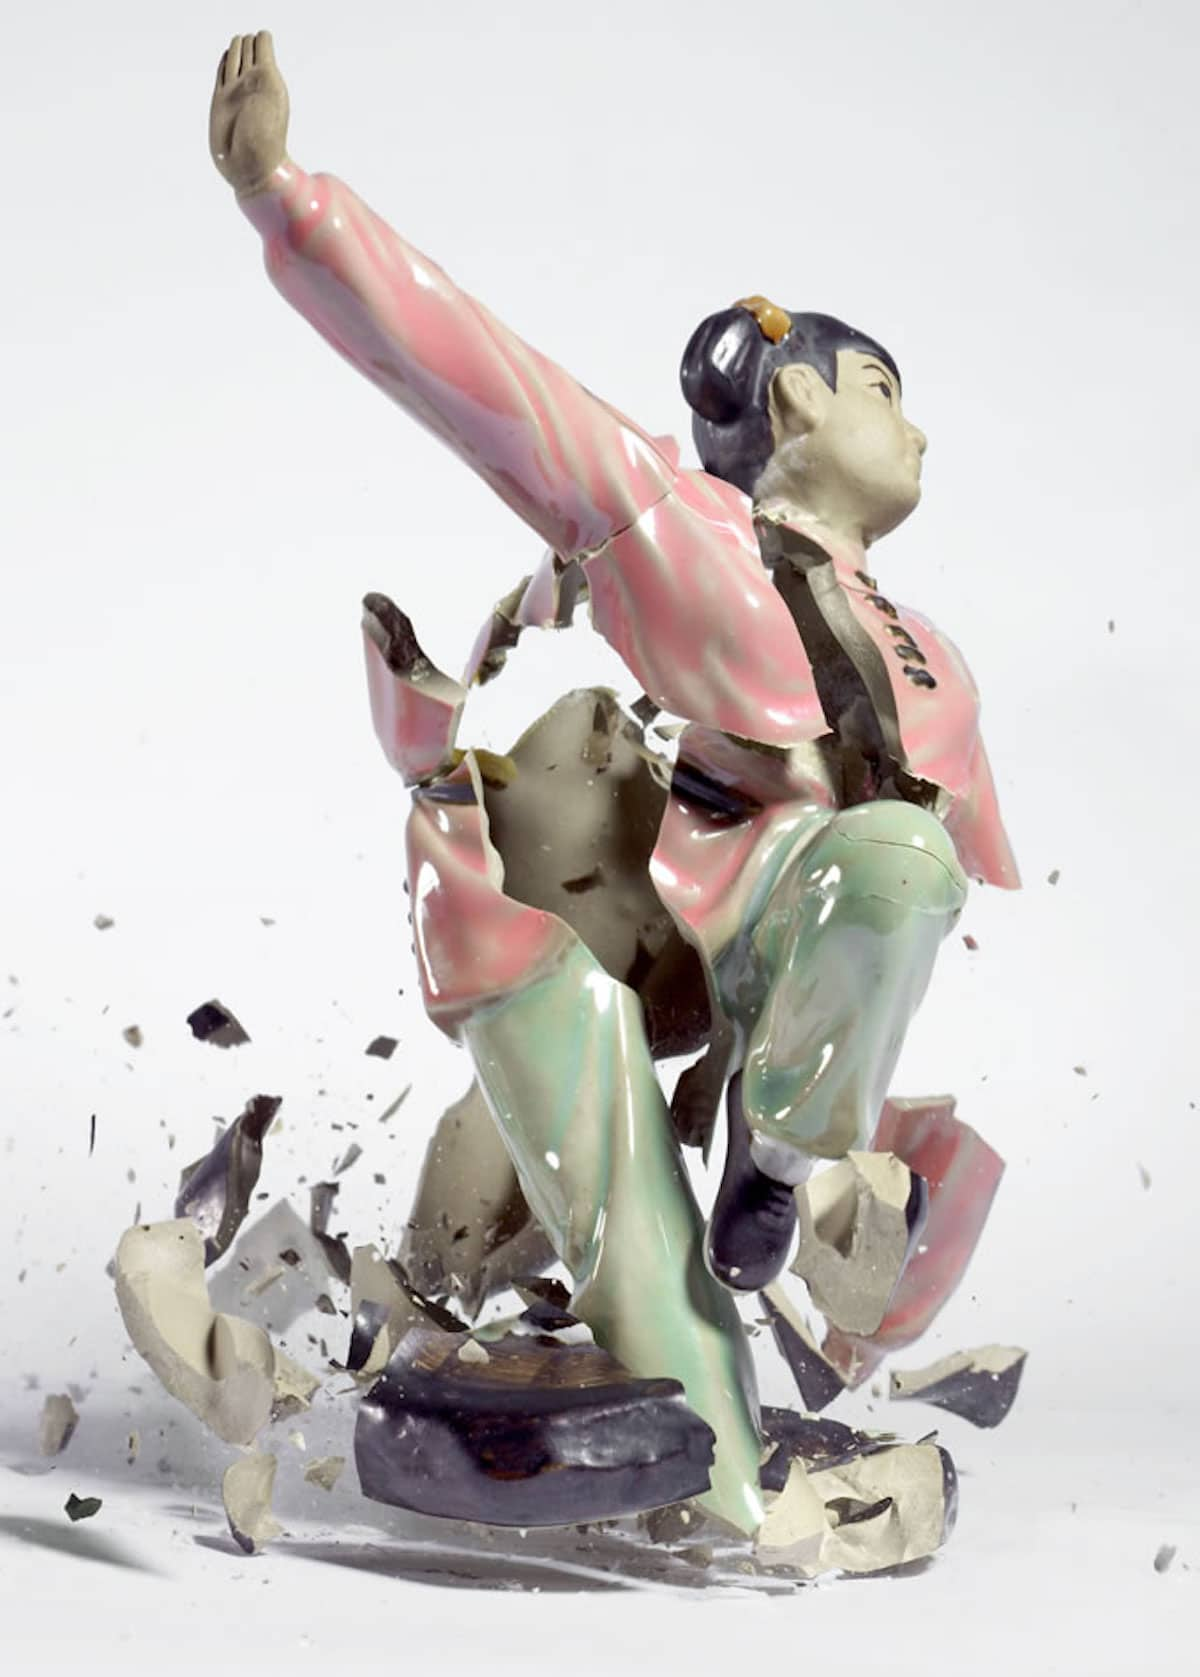 Fotografías de alta velocidad de figuras de porcelana rotas por Martin Klimas